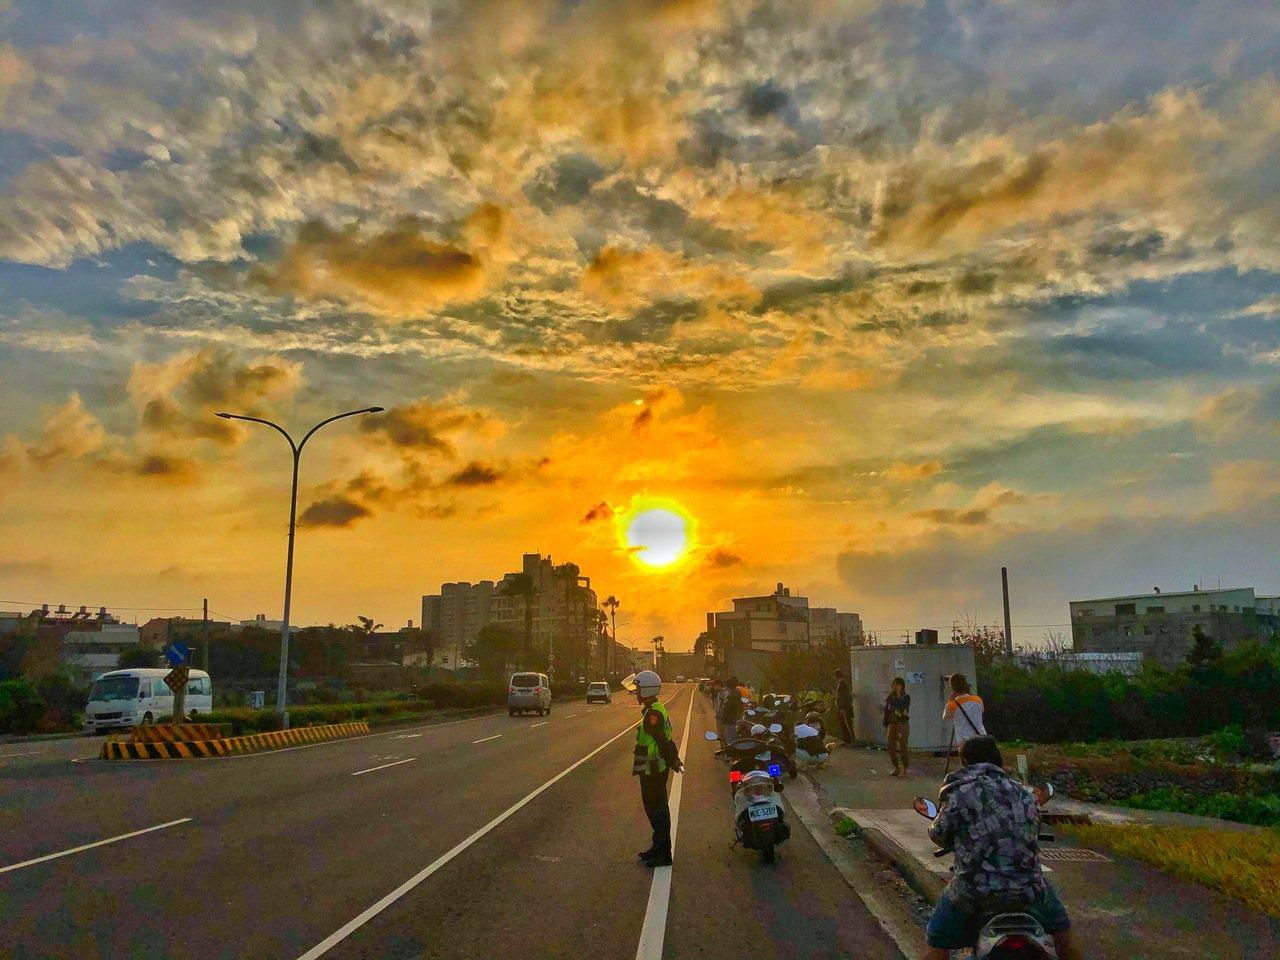 台中市大甲區經國路今天傍晚的懸日。圖/民眾提供